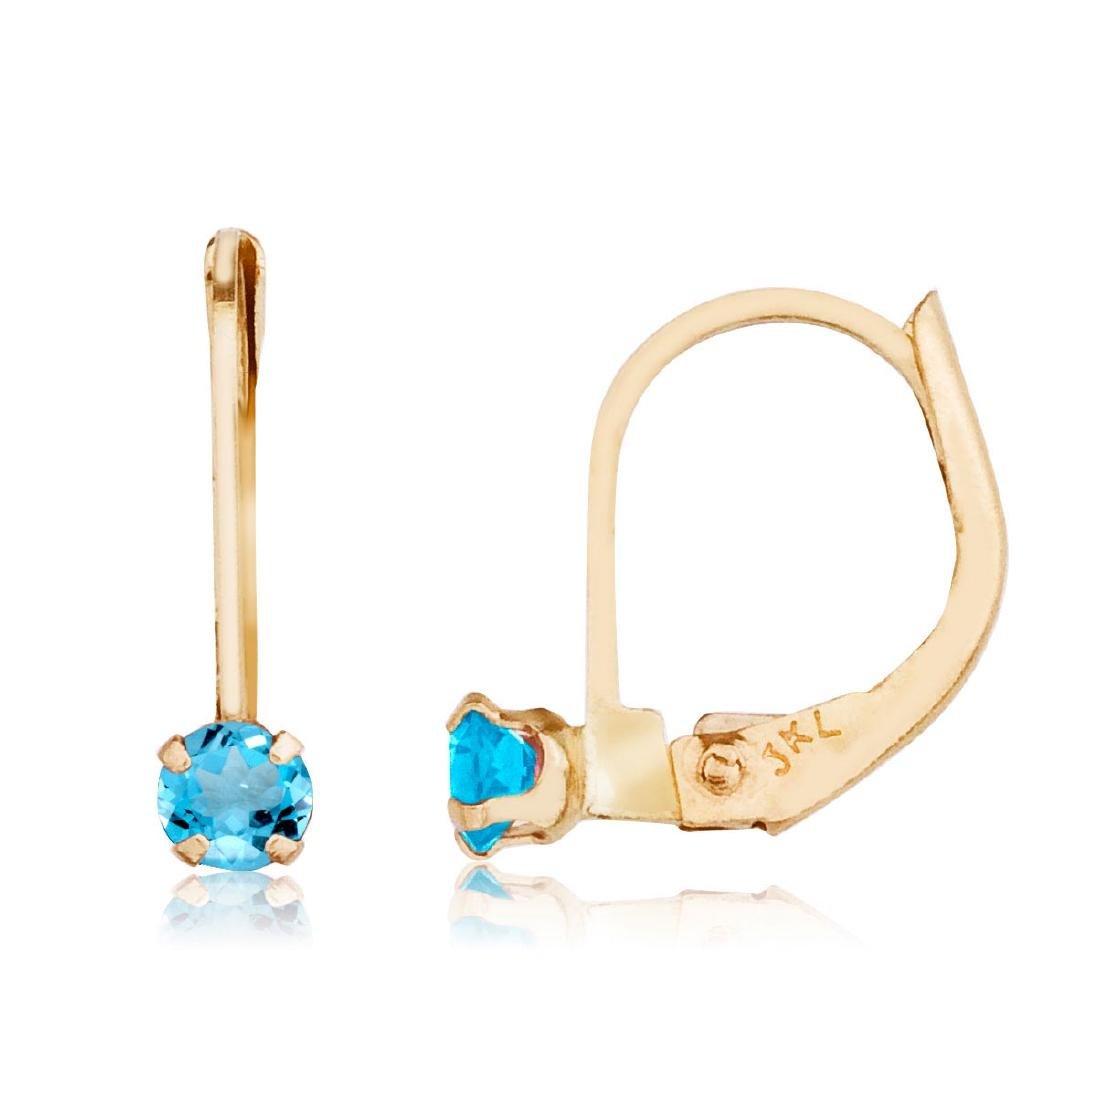 Certified 14k Petite Blue Topaz Leverback Earrings 0.2